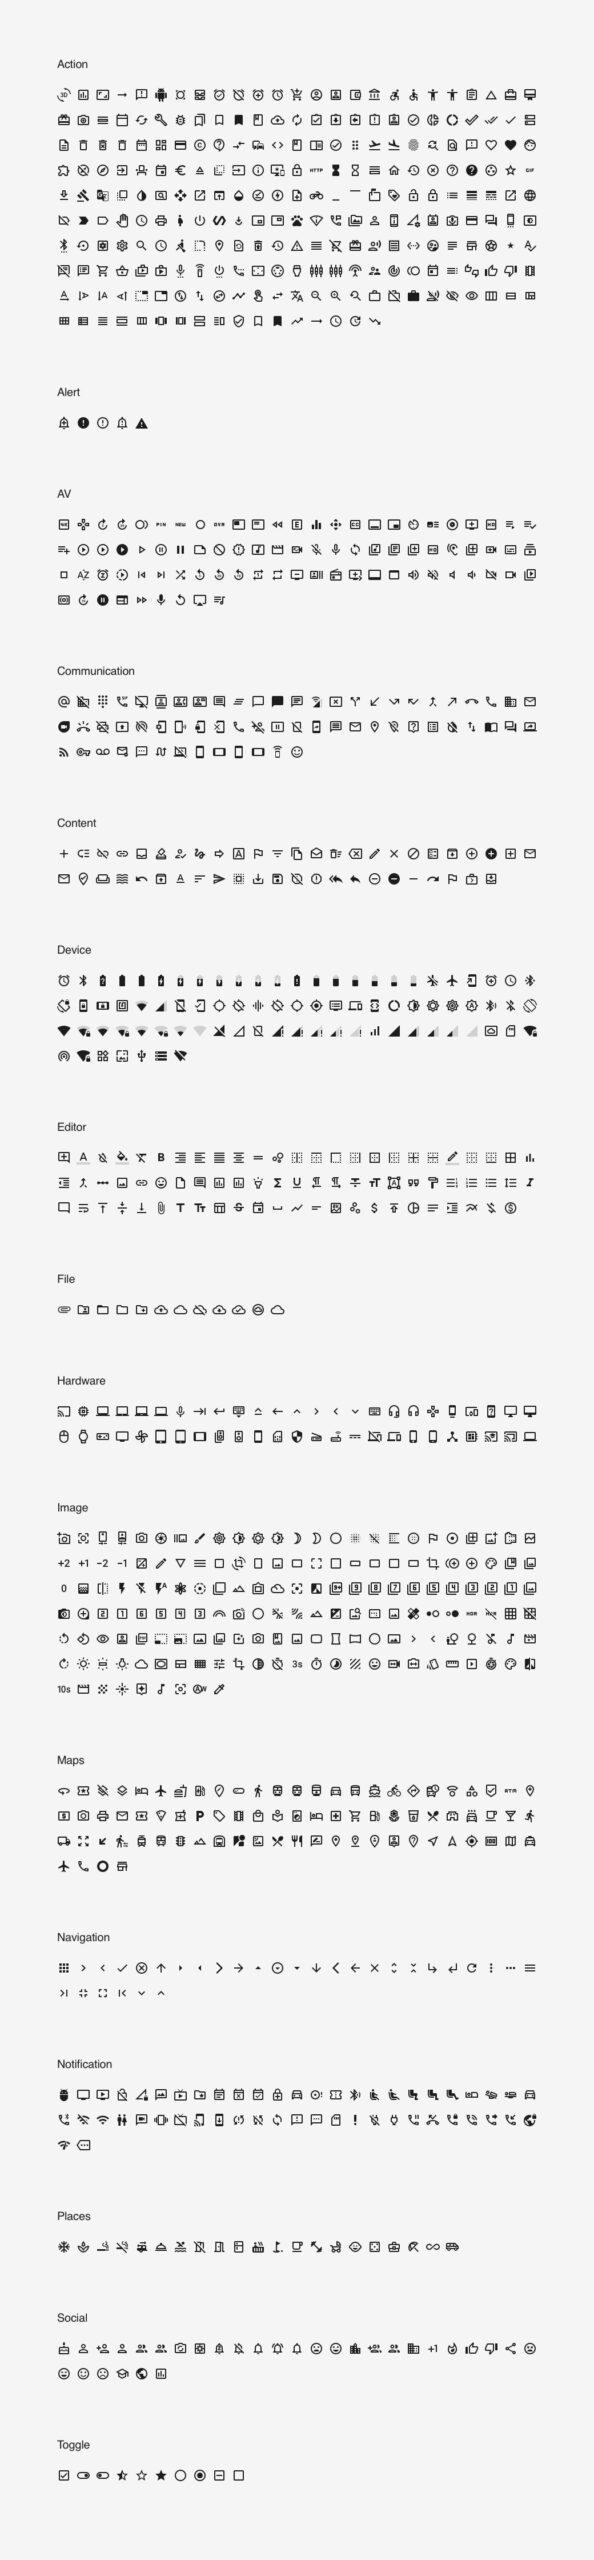 图形工具图标库插图1